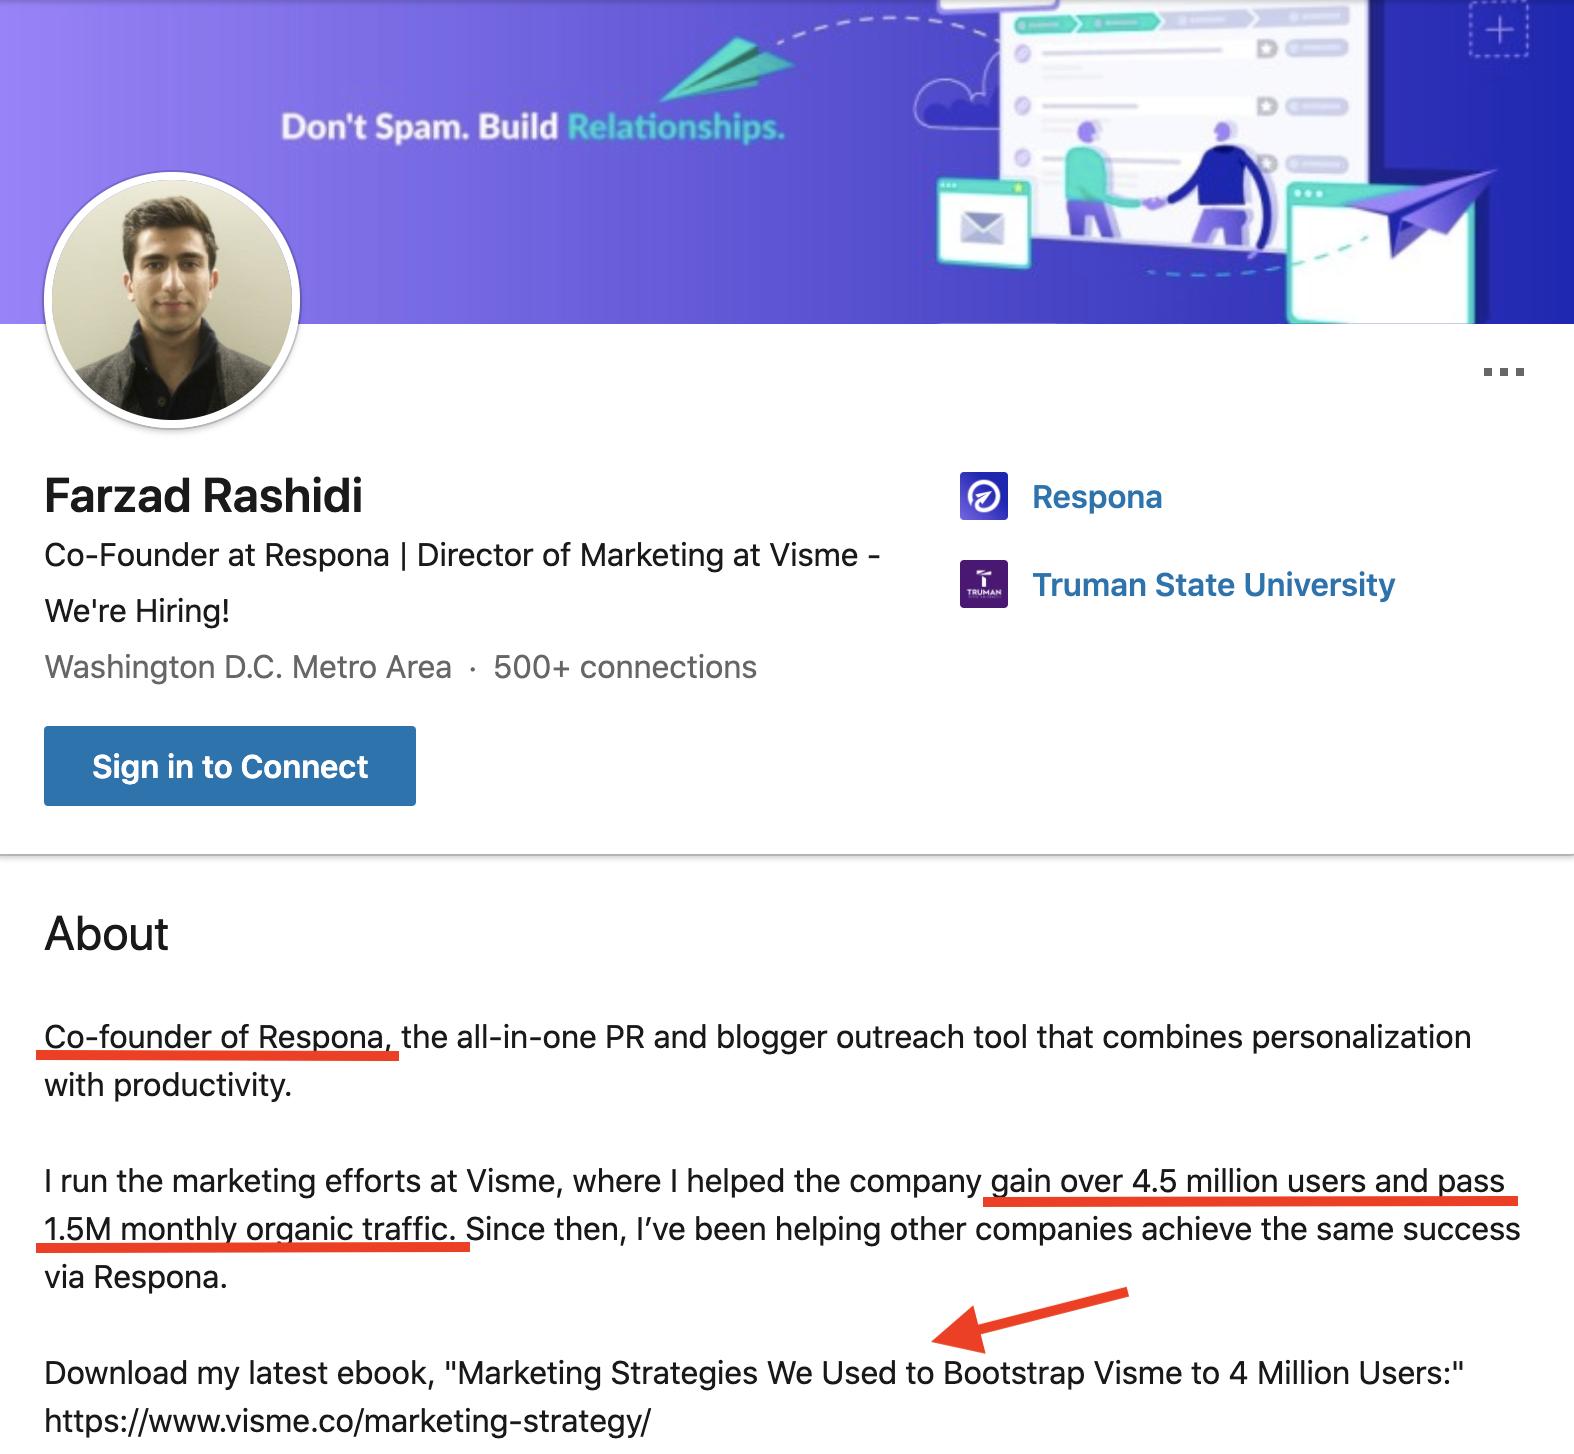 Farzads LinkedIn Profile